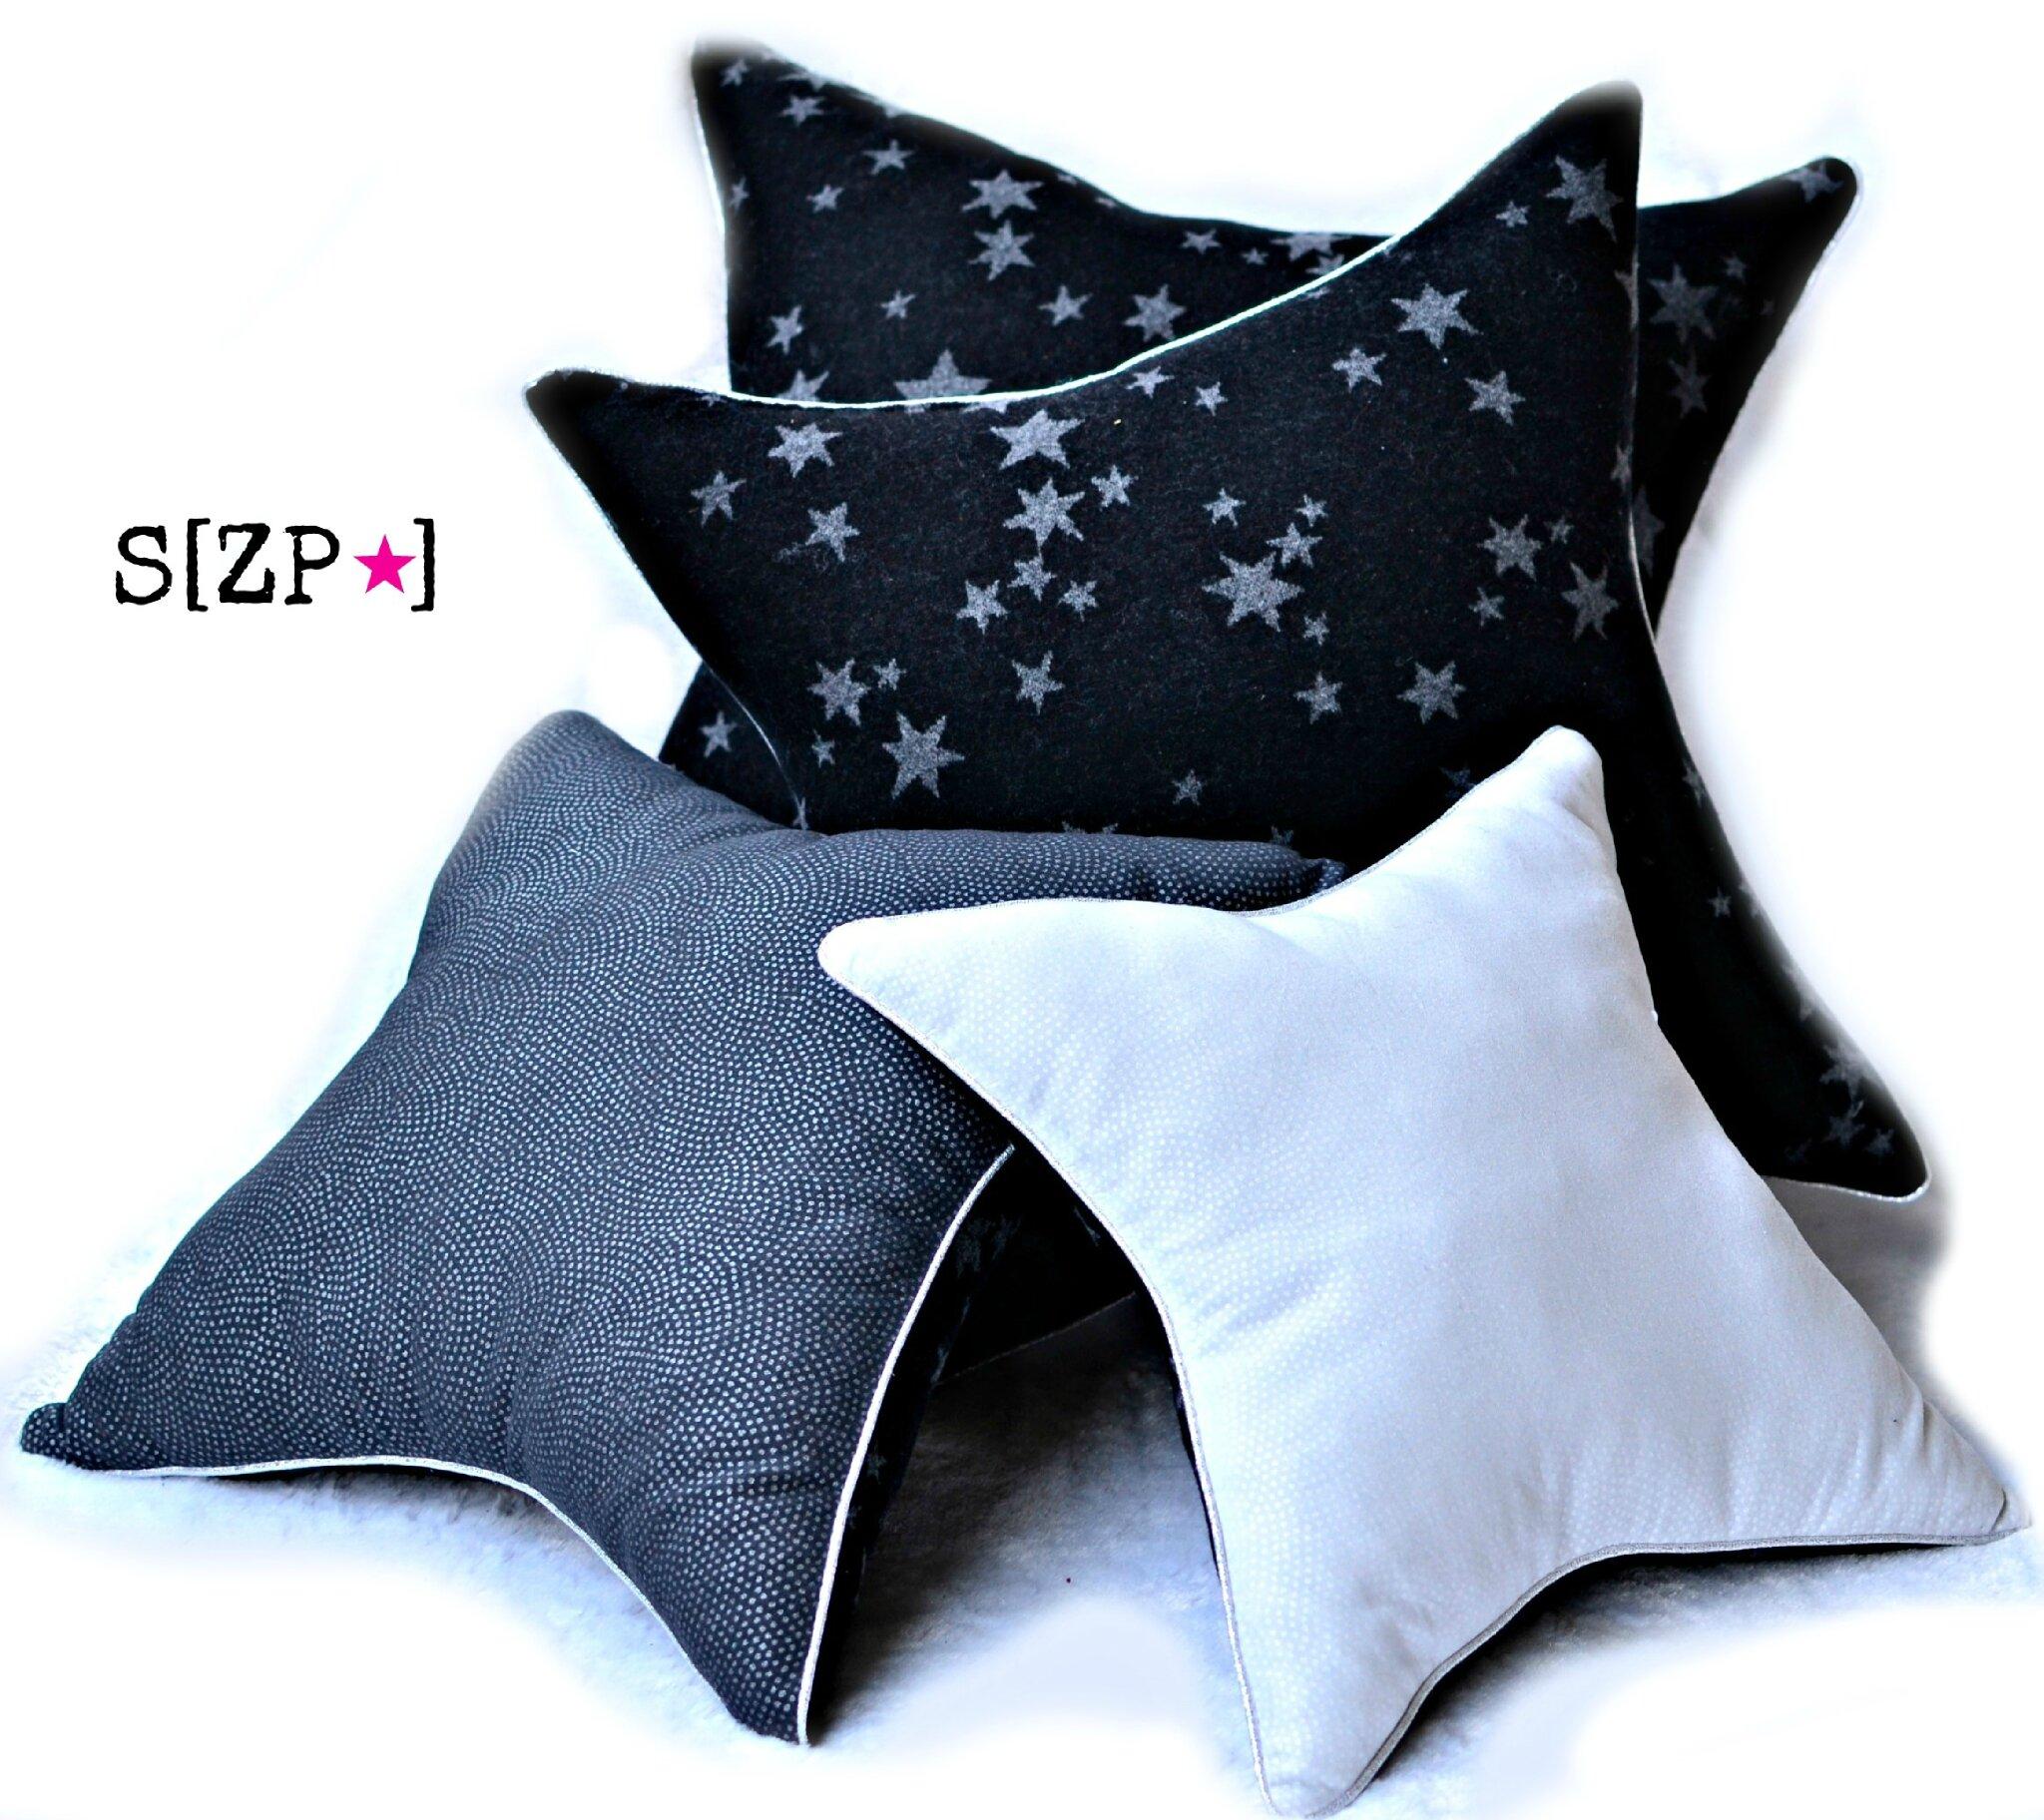 c t d co les coussins carr cass envahissent le canap shirleyzepap l o se pose le. Black Bedroom Furniture Sets. Home Design Ideas